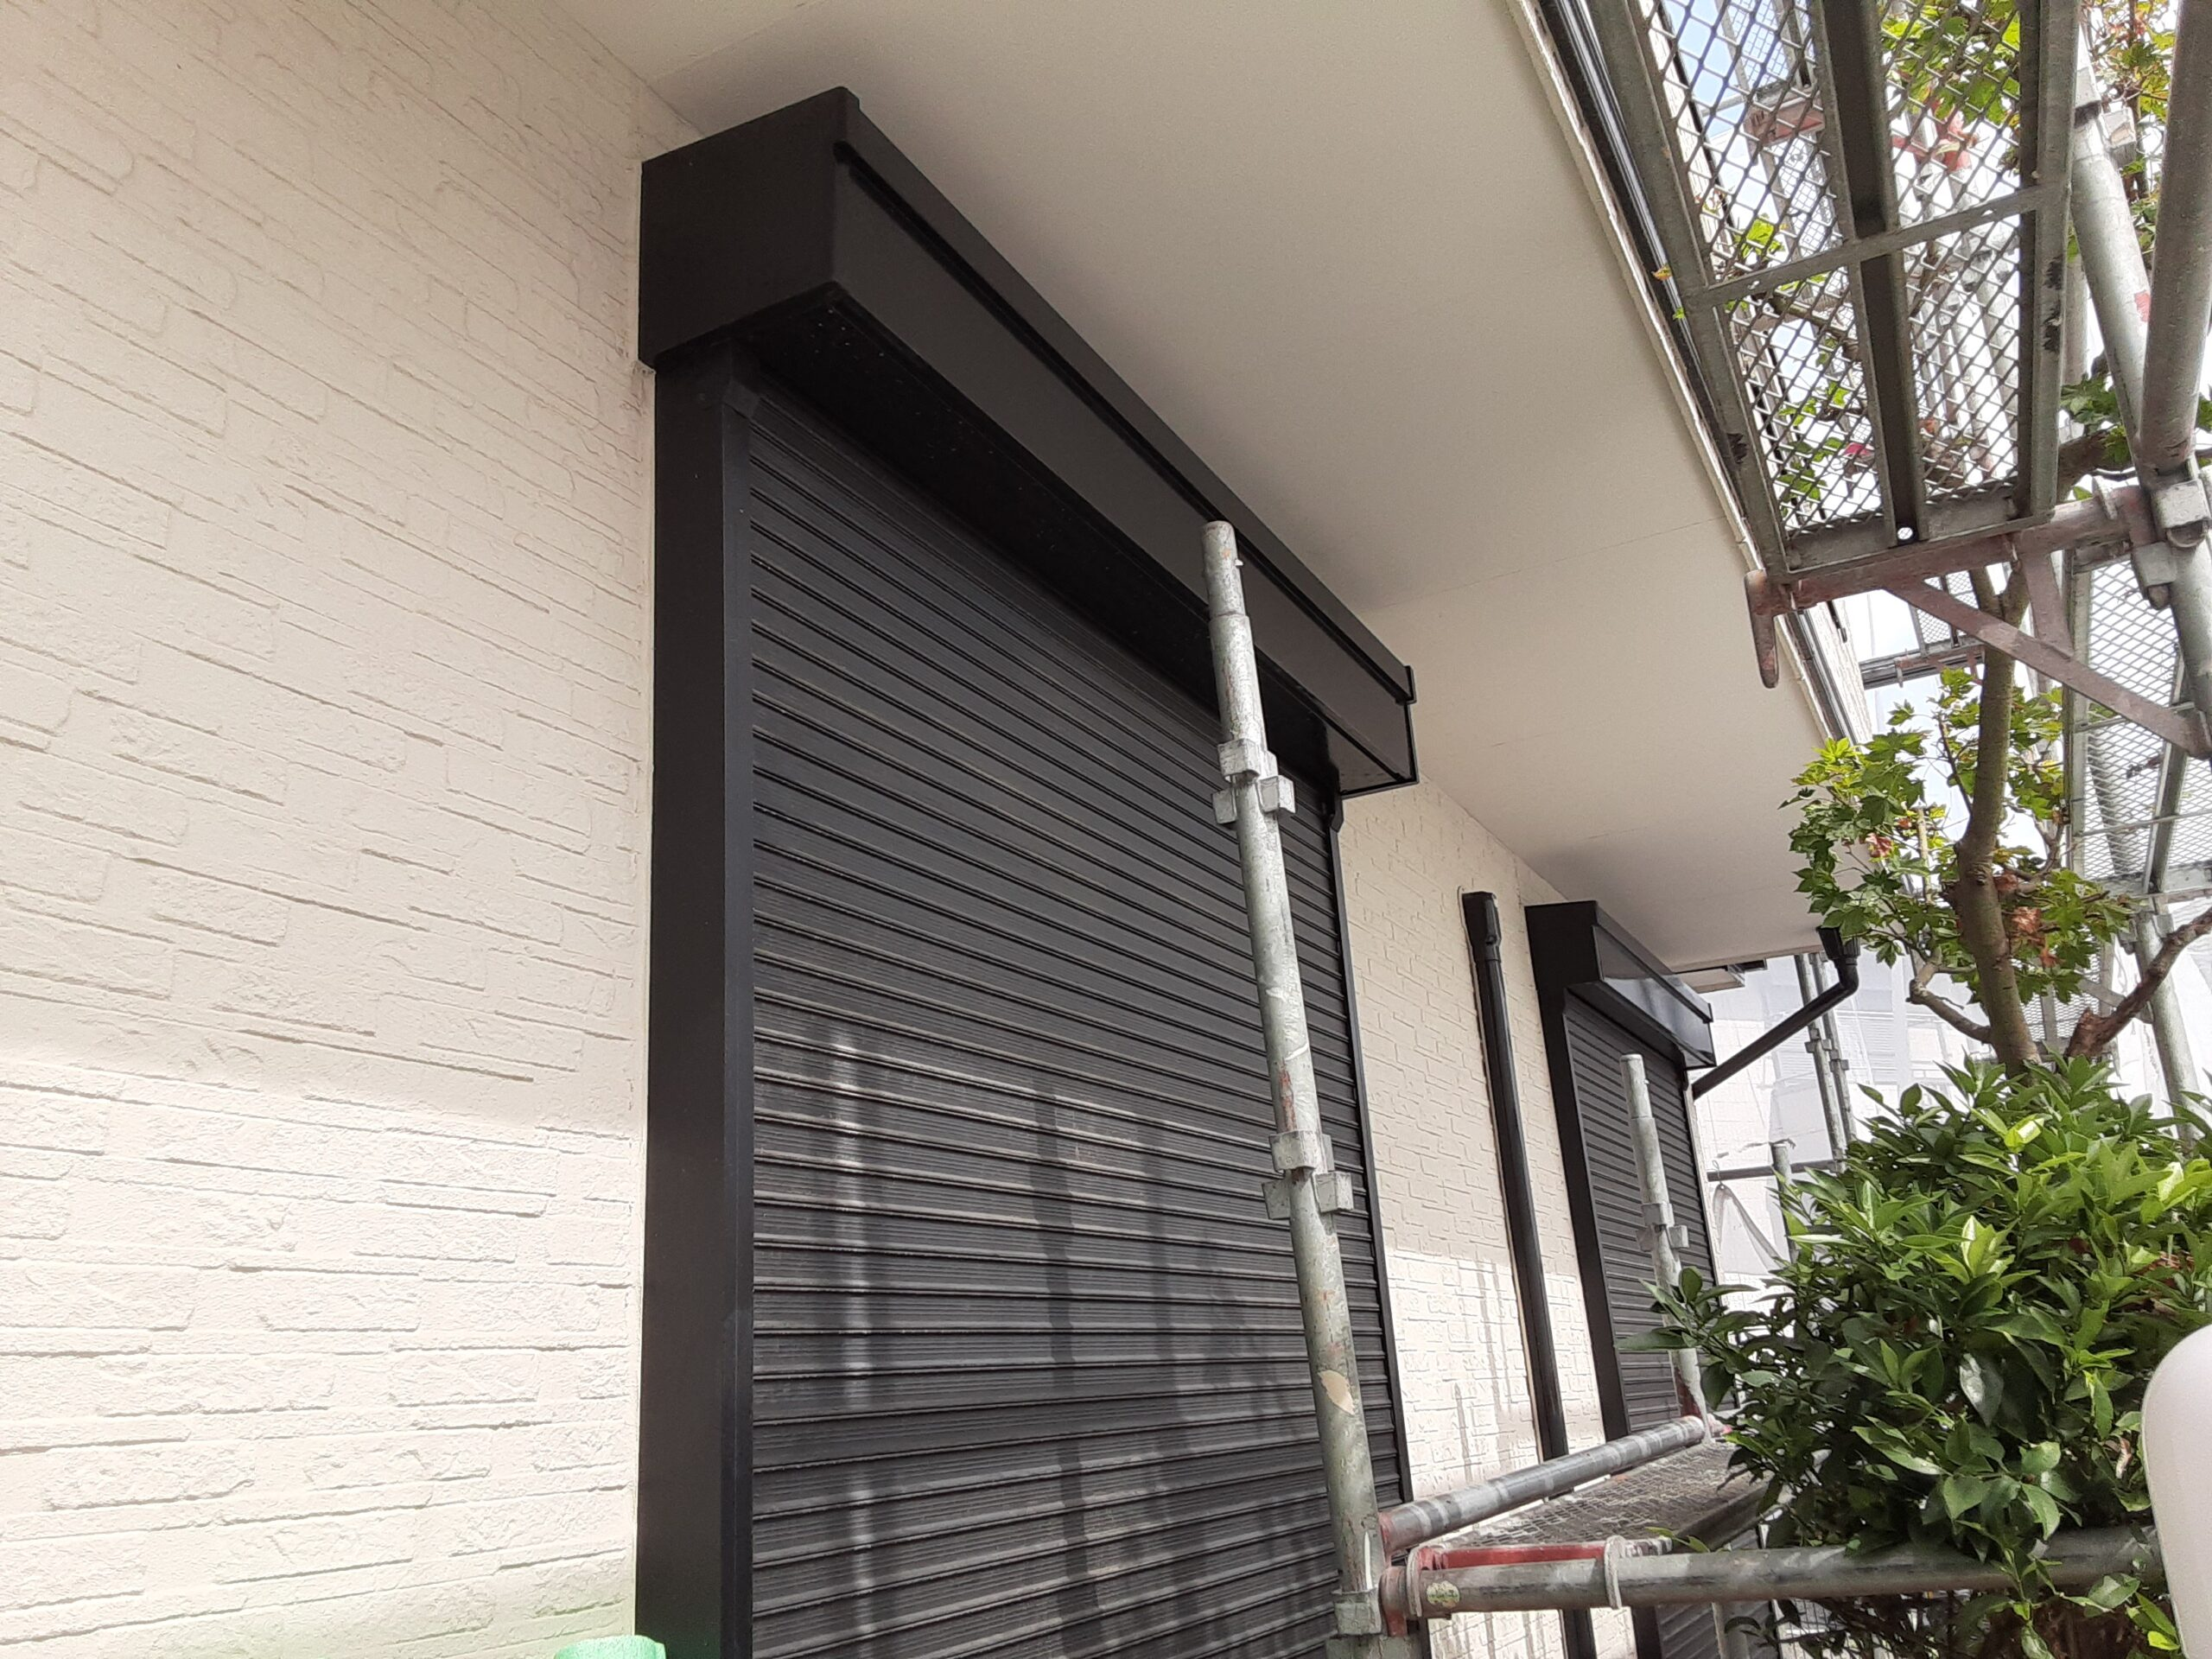 埼玉県さいたま市 外壁の縦目地のコーキング撤去、テープ貼り/さいたま市桜区の(木造2階建て)W様邸にて塗り替えリホーム中